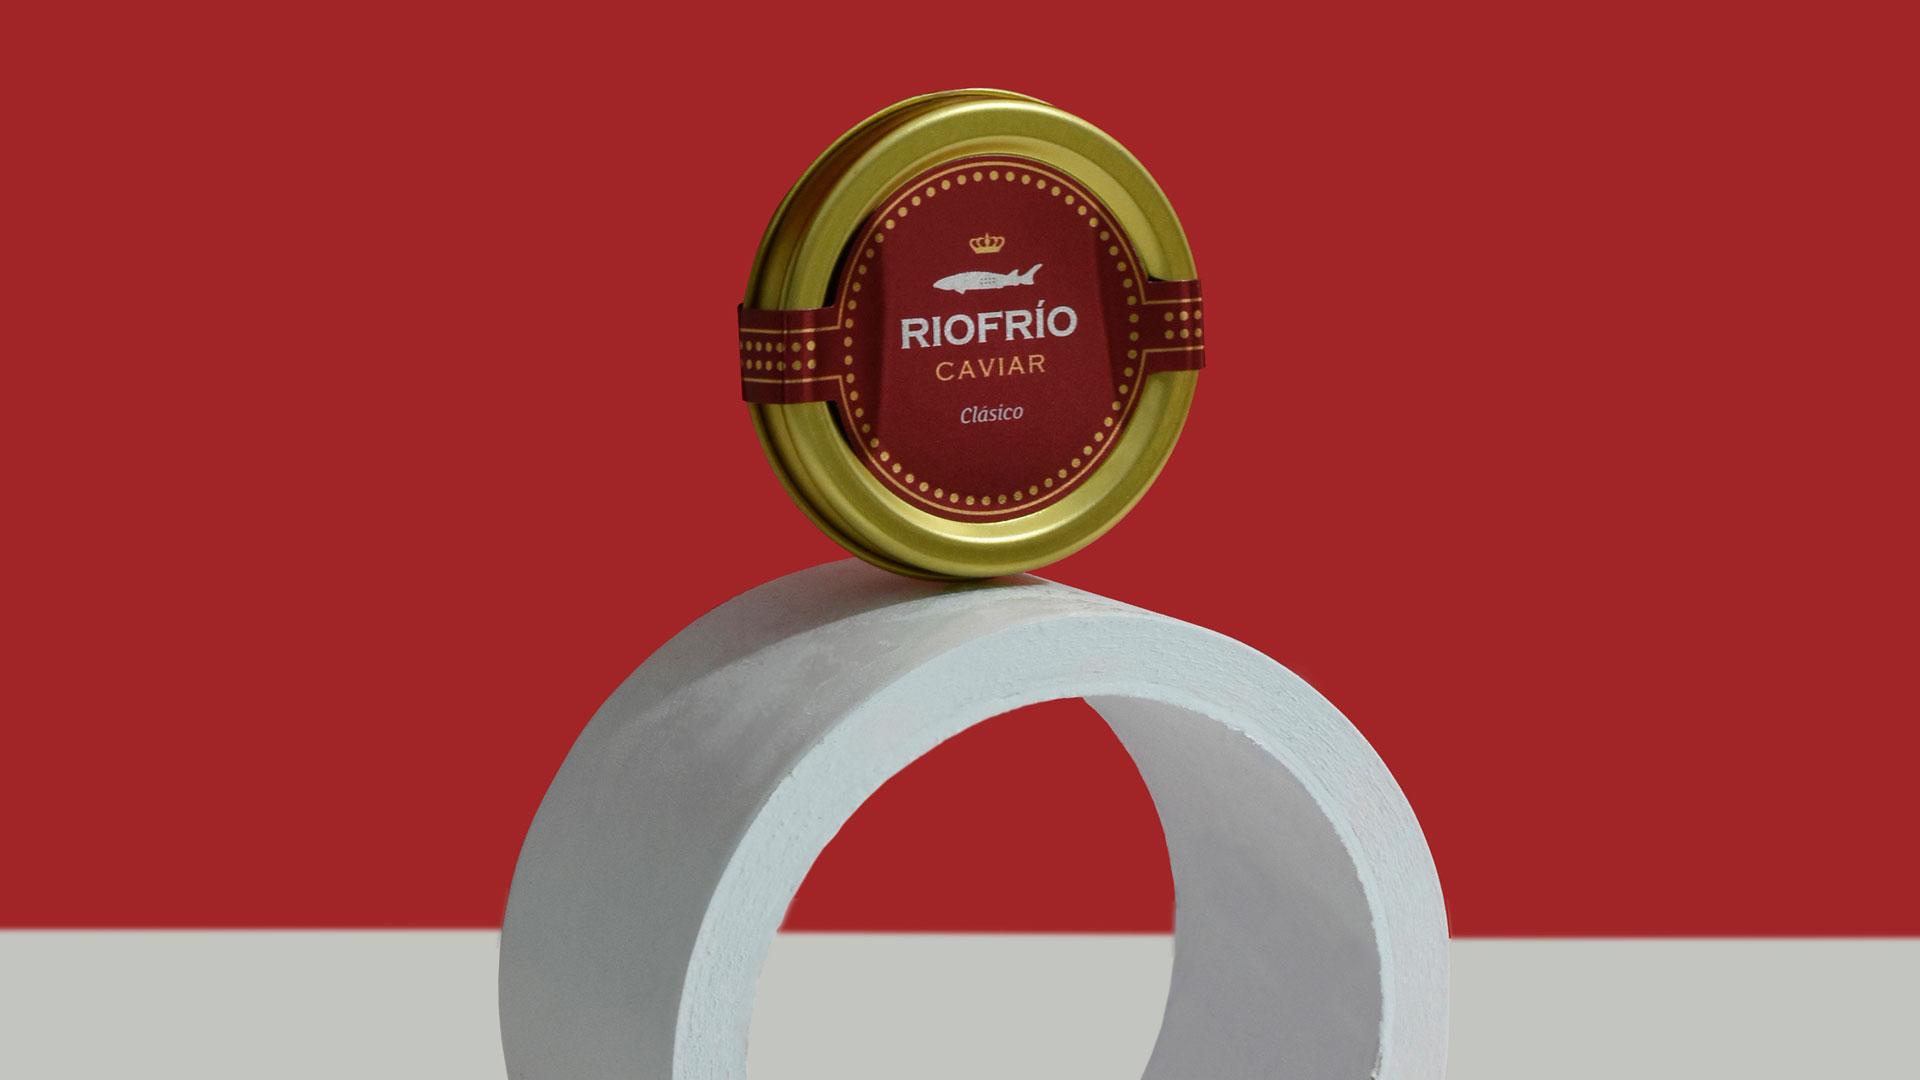 caviar riofrio hero asset